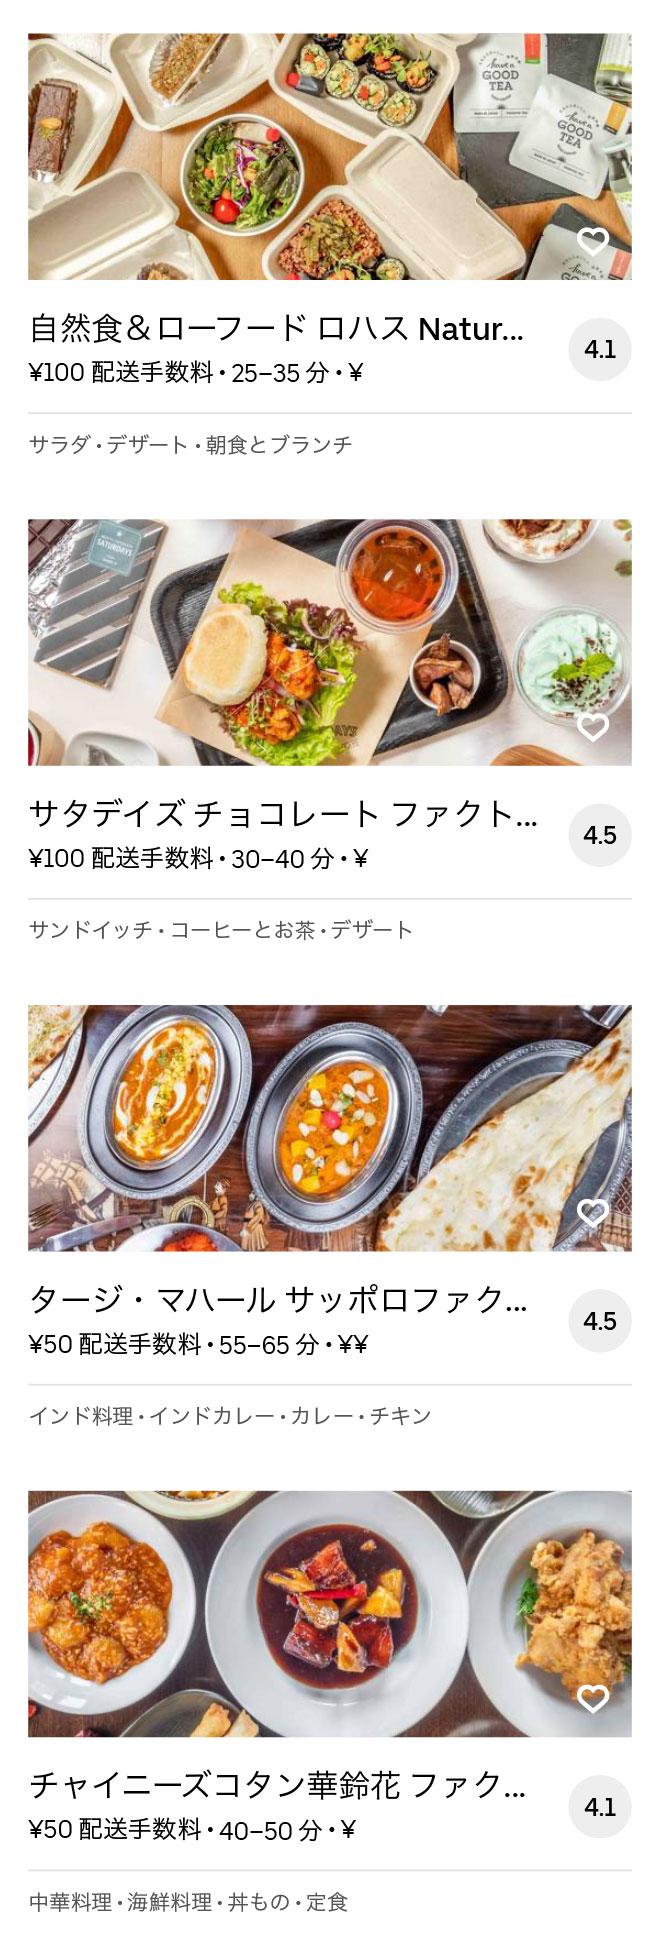 Susukino menu 2008 06